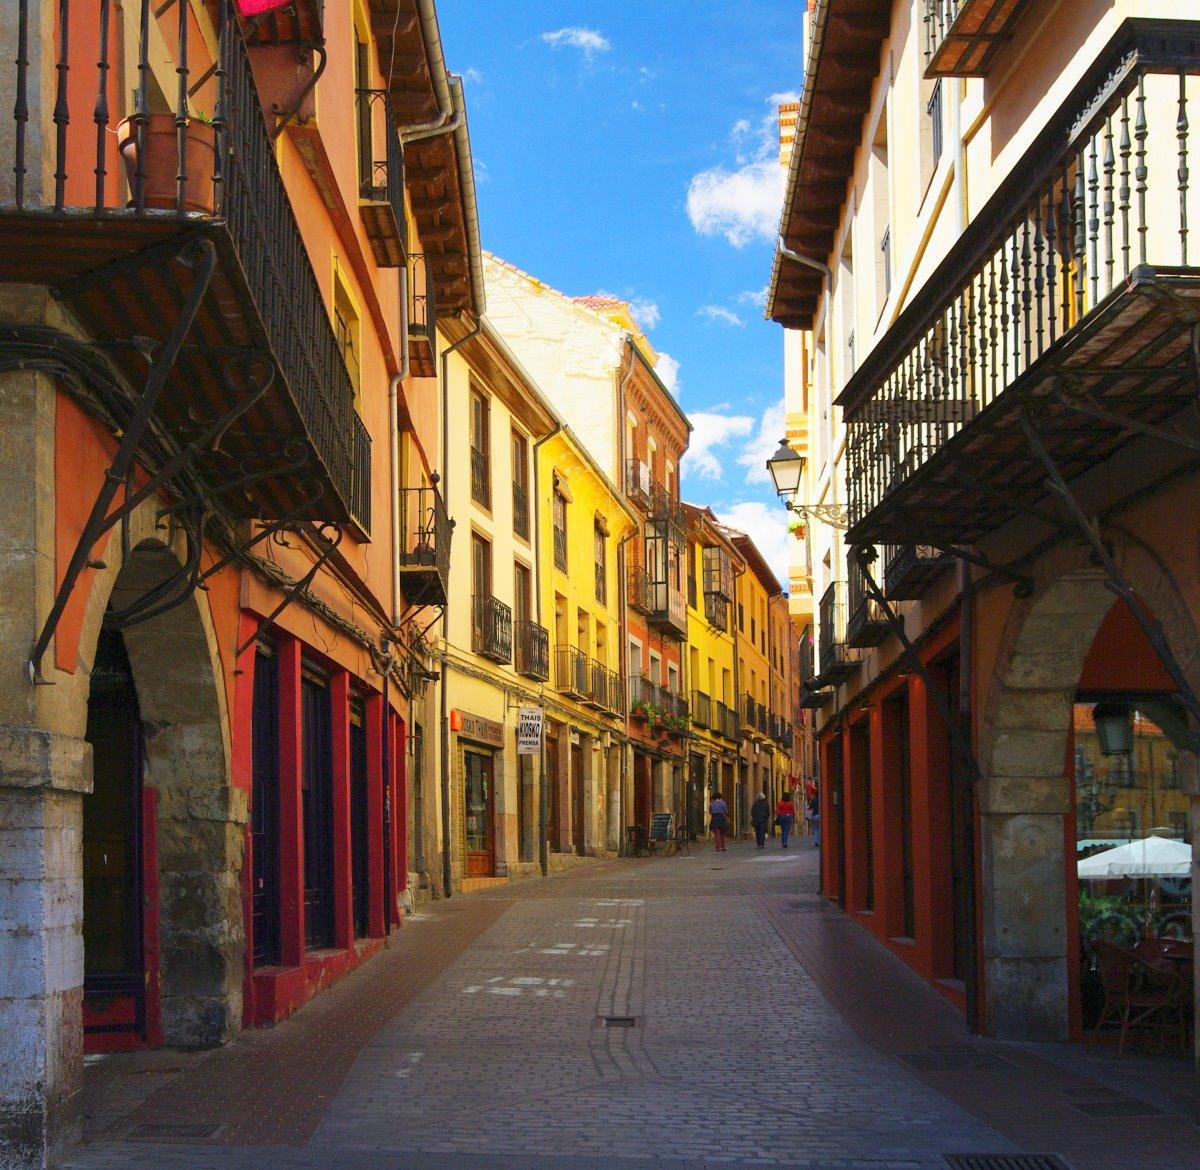 αστικό σοκάκι στο Μπιλμπάο στην Ισπανία